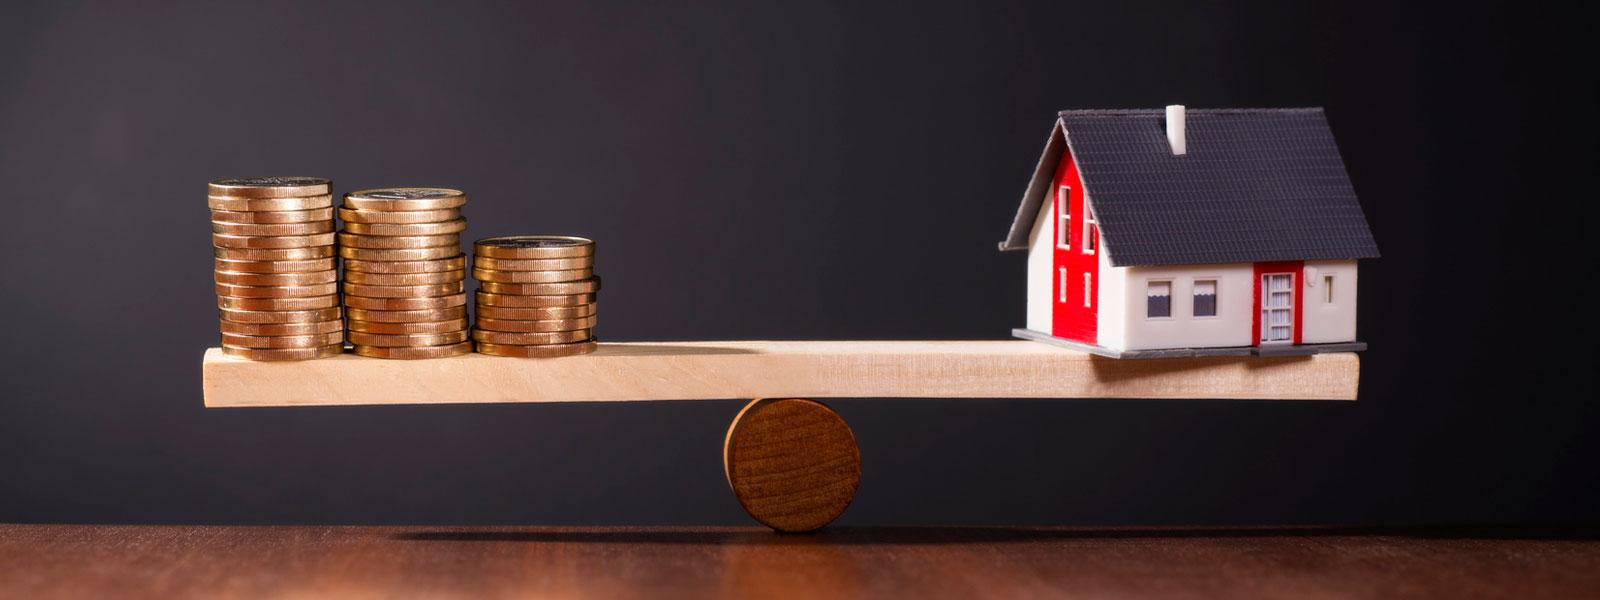 Immobilien Mitterer - Immobilienfinanzierung